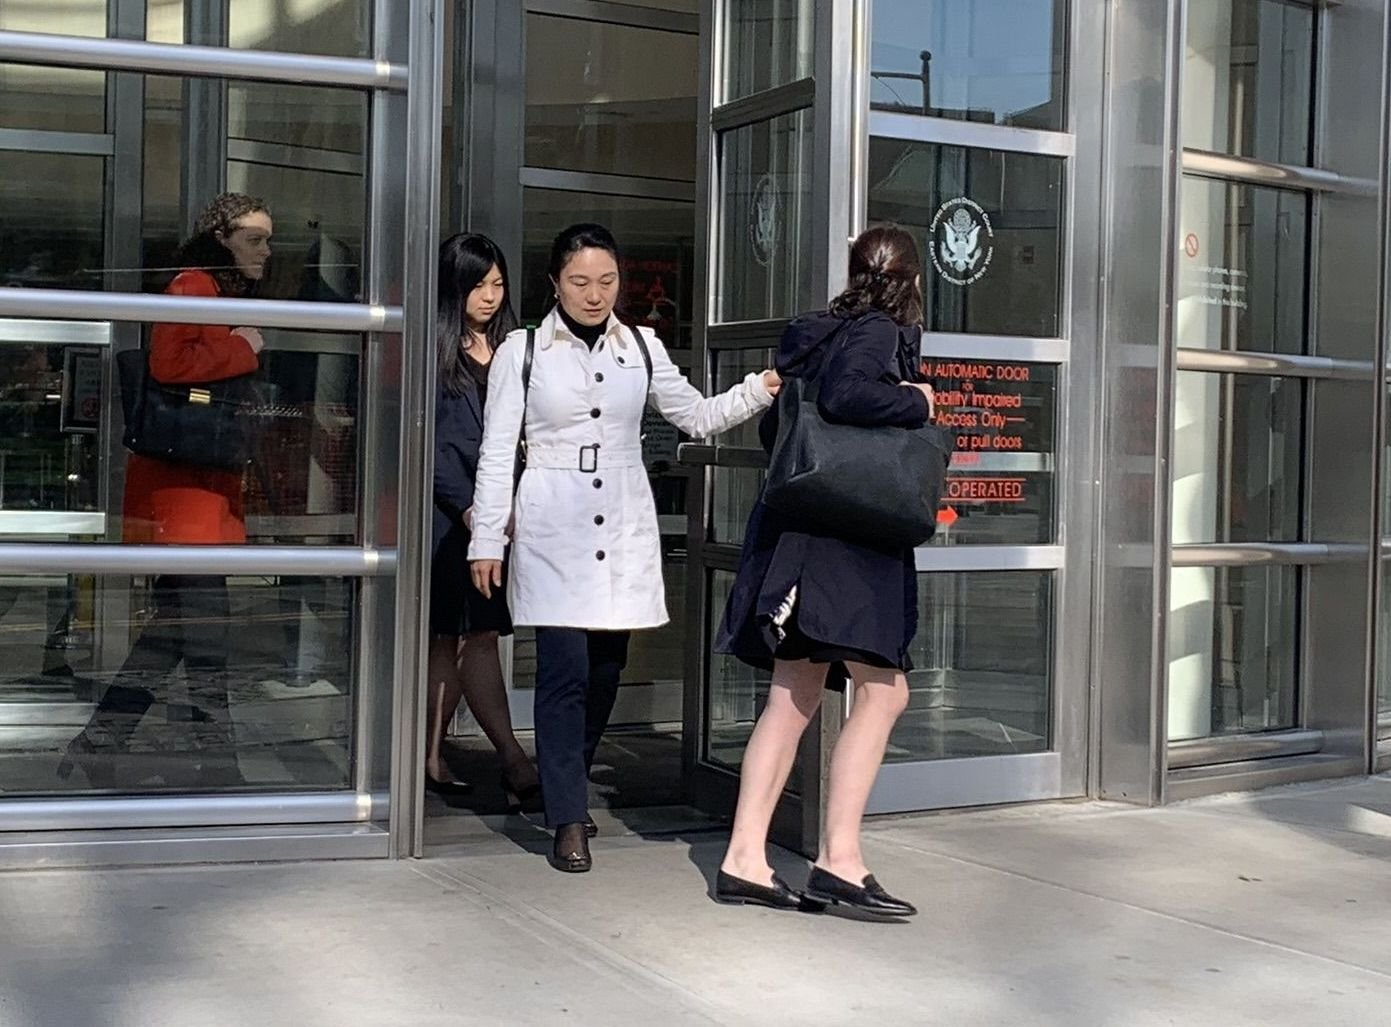 隨著前國航經理林英(音譯,Ying Lin)17日在紐約認罪,中共代理人議題再次被推上輿論的風口浪尖。多年來,美國抓捕了多名非法為中共做事的華人。圖為林英(白外套者)。 (蔡溶/大紀元)